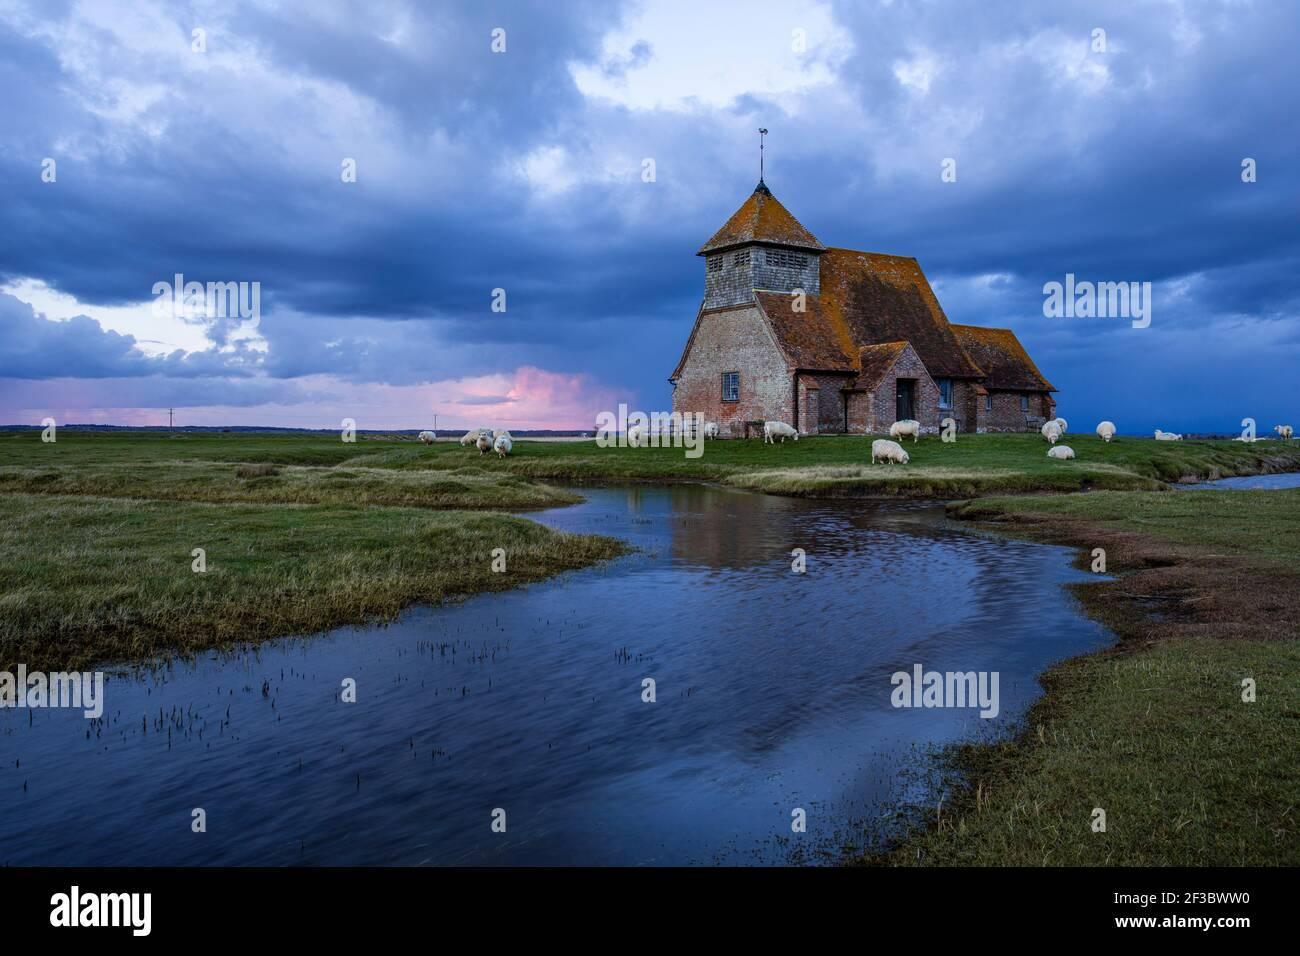 Église Saint Thomas Becket près de Fairfield sur le marais Romney dans le Kent, au sud-est de l'Angleterre, nuages de tempête se rassemblant pendant l'heure bleue et pâturage des moutons Banque D'Images